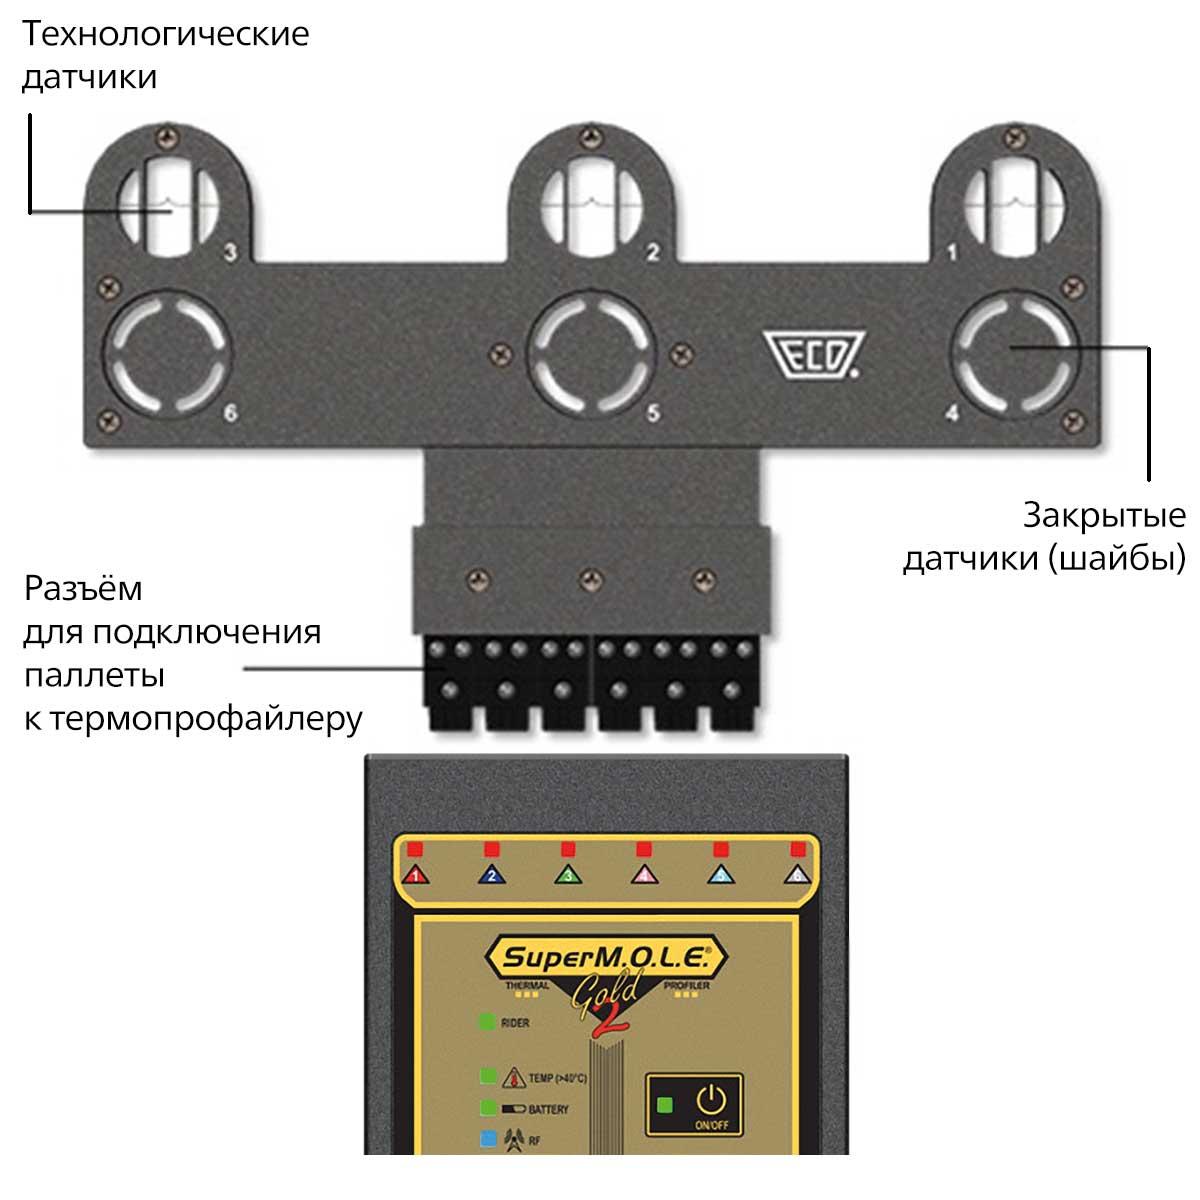 ECD ReflowValidator ꜛ тестовая паллета для оценки качества процесса пайки и настройки печи